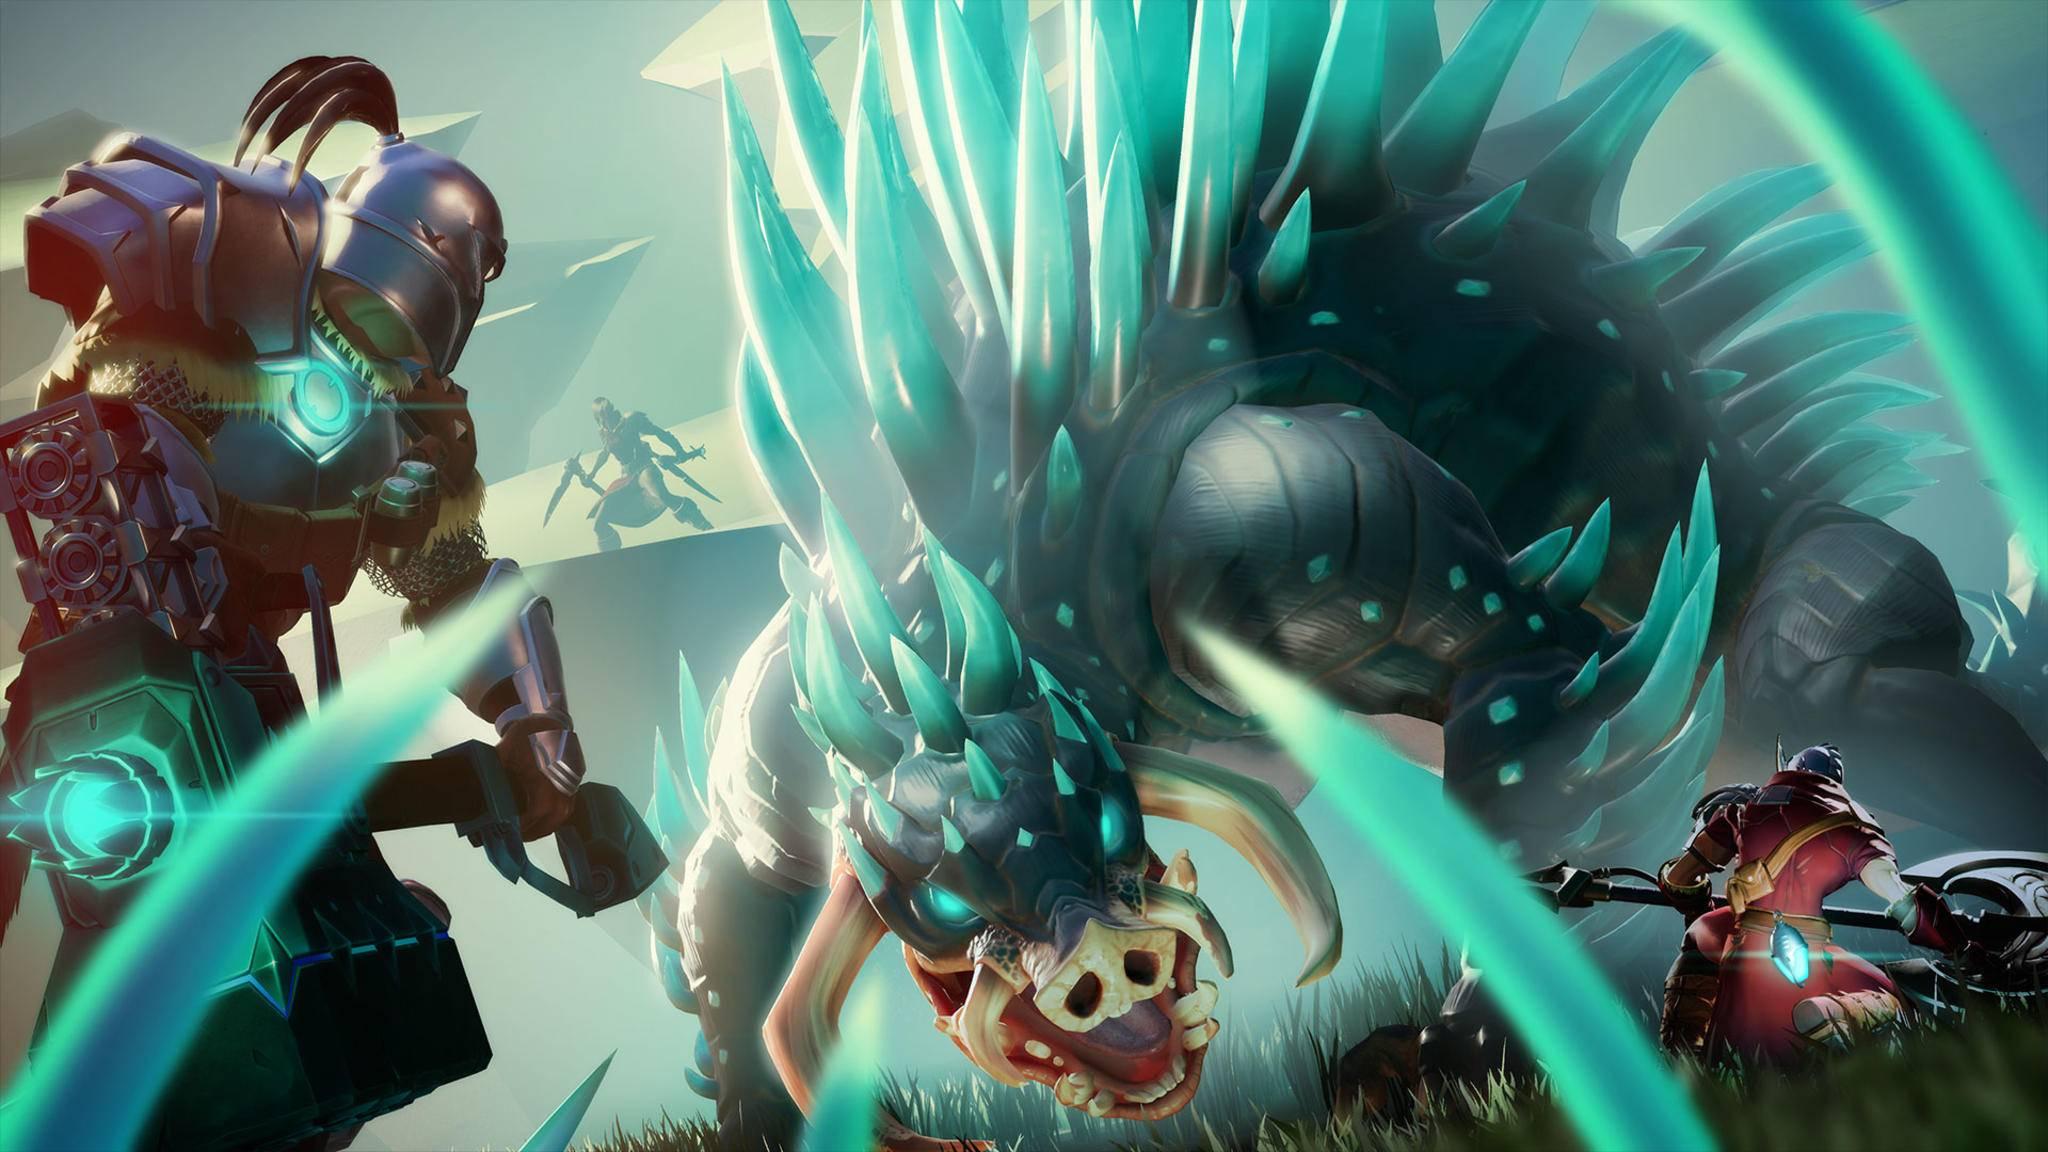 """Fette Viecher, mutige Jäger: Das Vorbild von """"Dauntless"""" ist unübersehbar."""